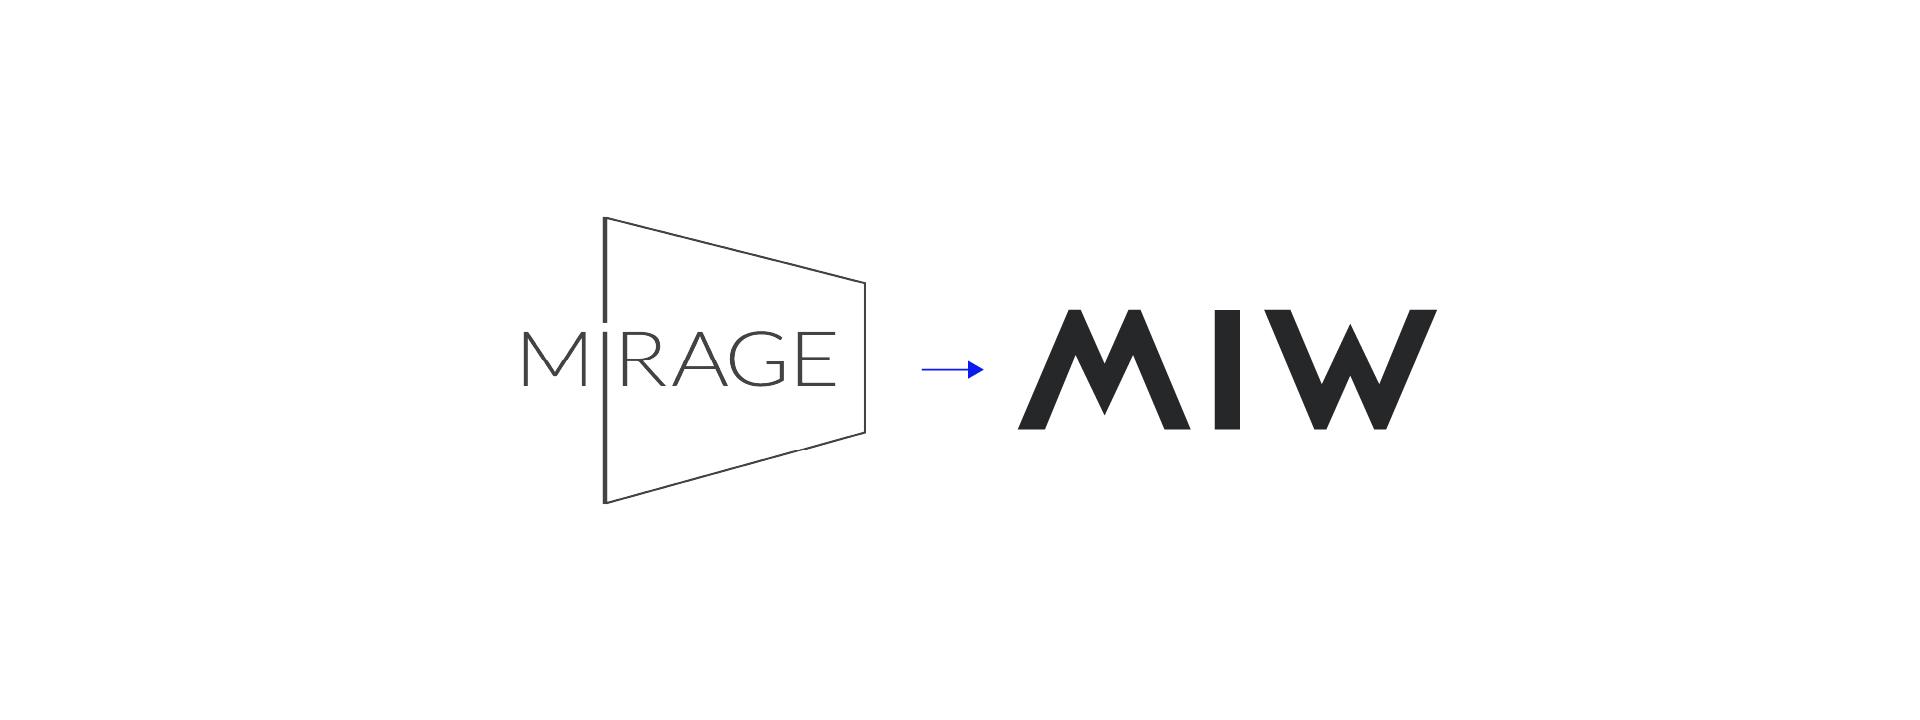 creacion-de-marca-branding-miw-logo-antiguo-logo-nuevo